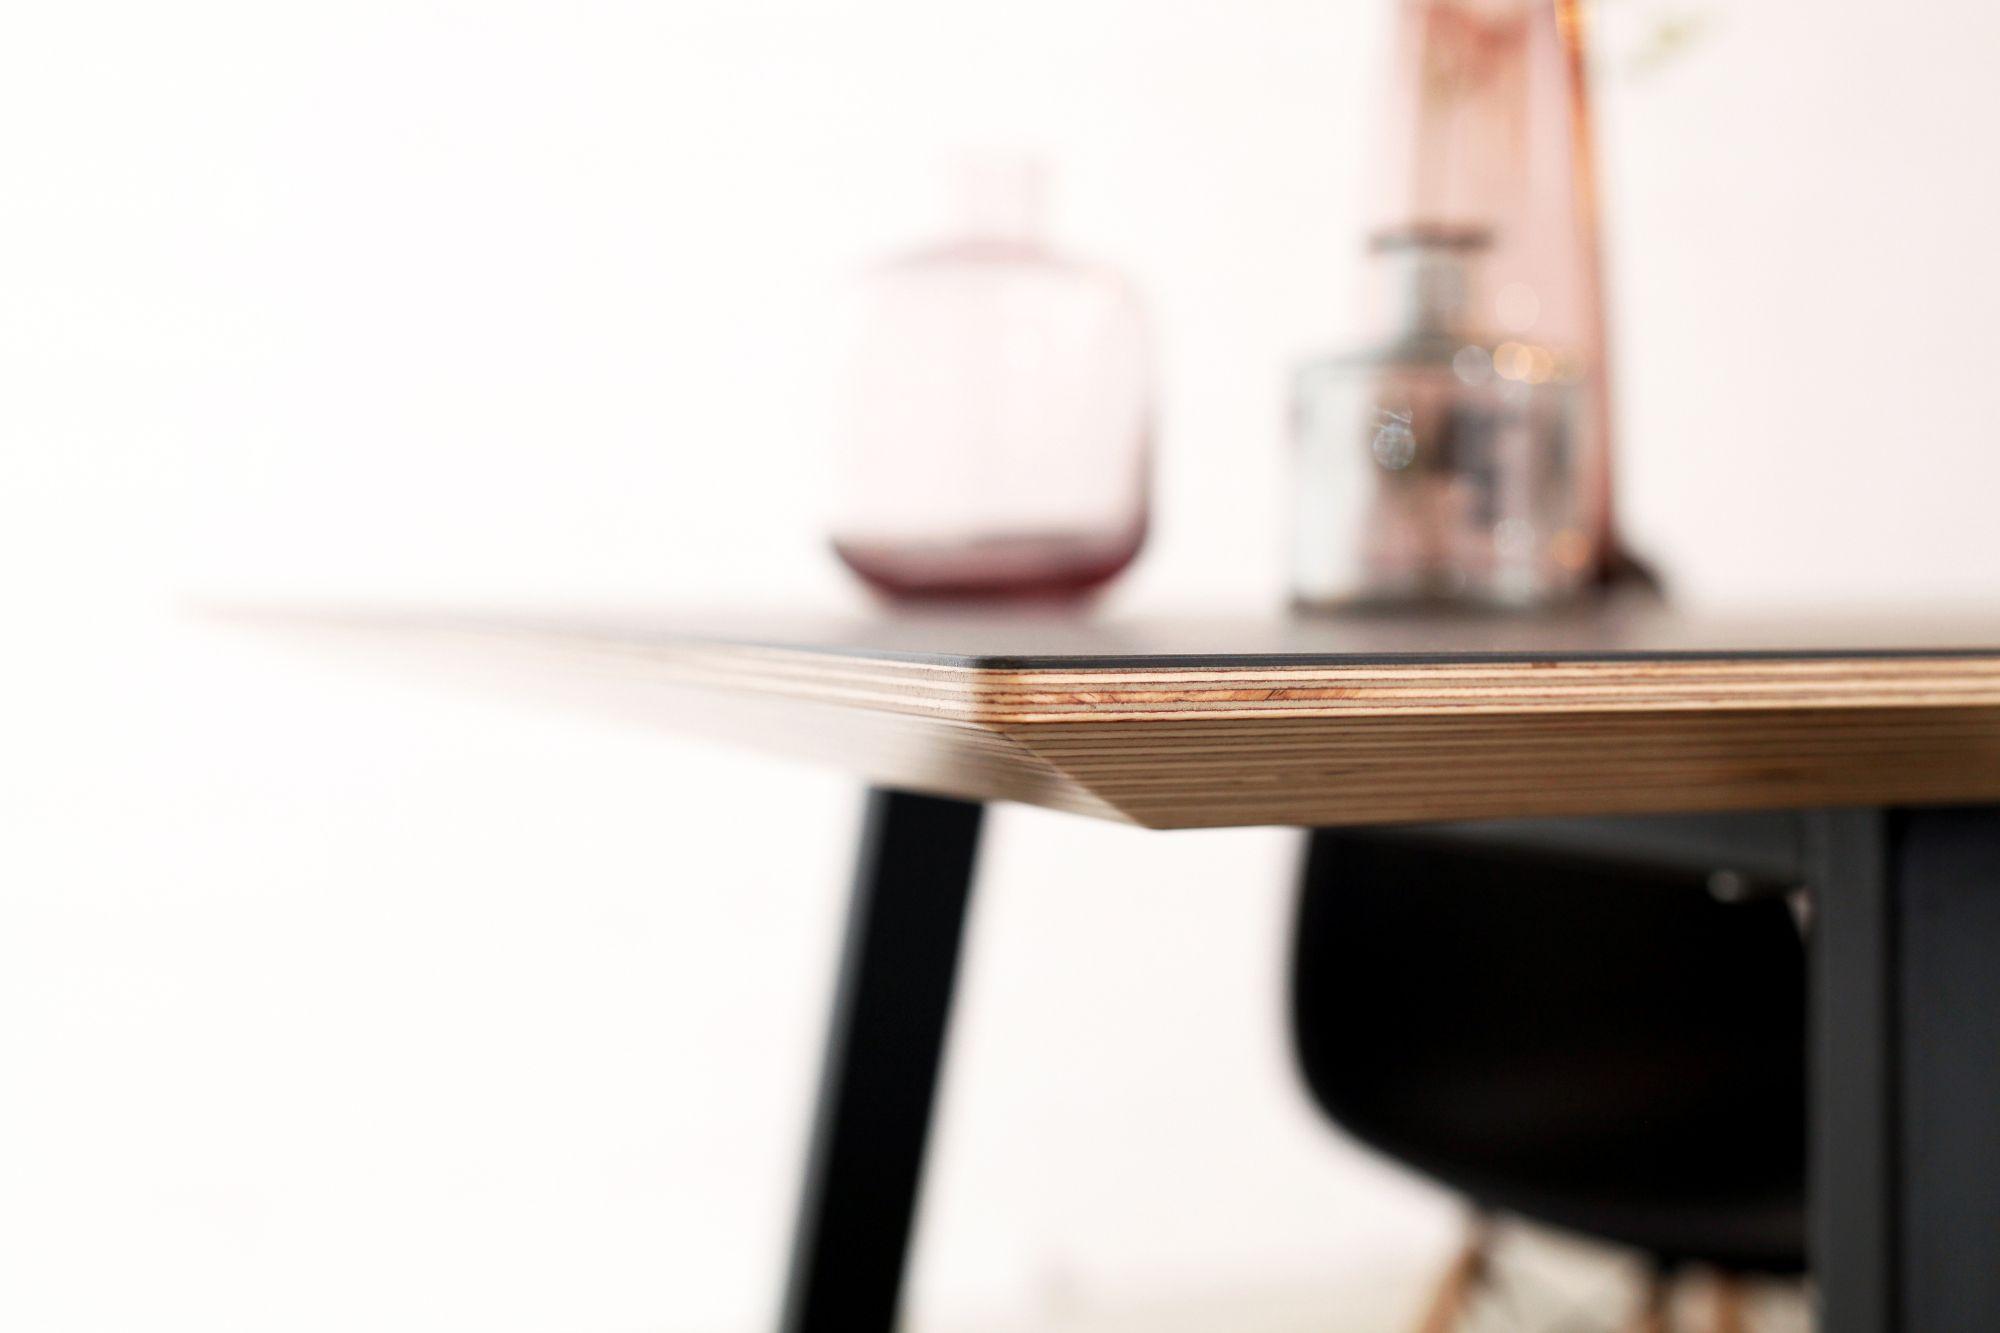 Esstisch JOONA mit dunkler Linoleumoberfläche im Detail. Von Goldau & Noelle.